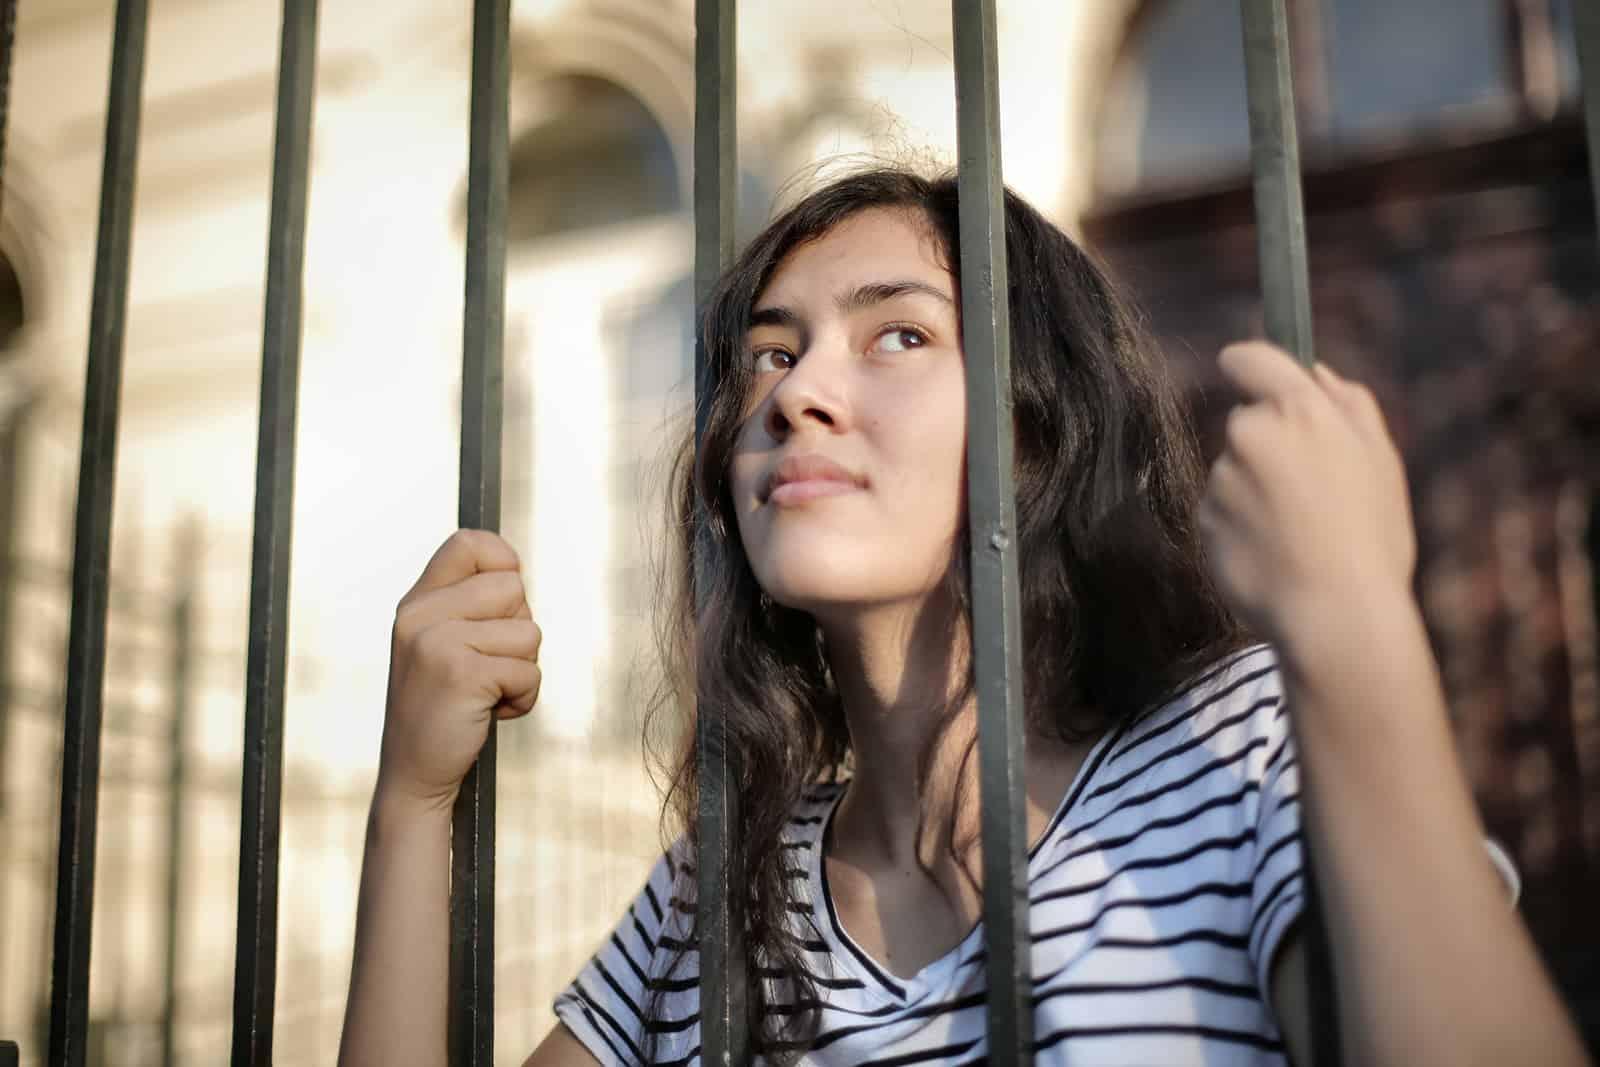 eine traurige einsame Frau, die weg schaut und den Kopf auf den Zaun lehnt